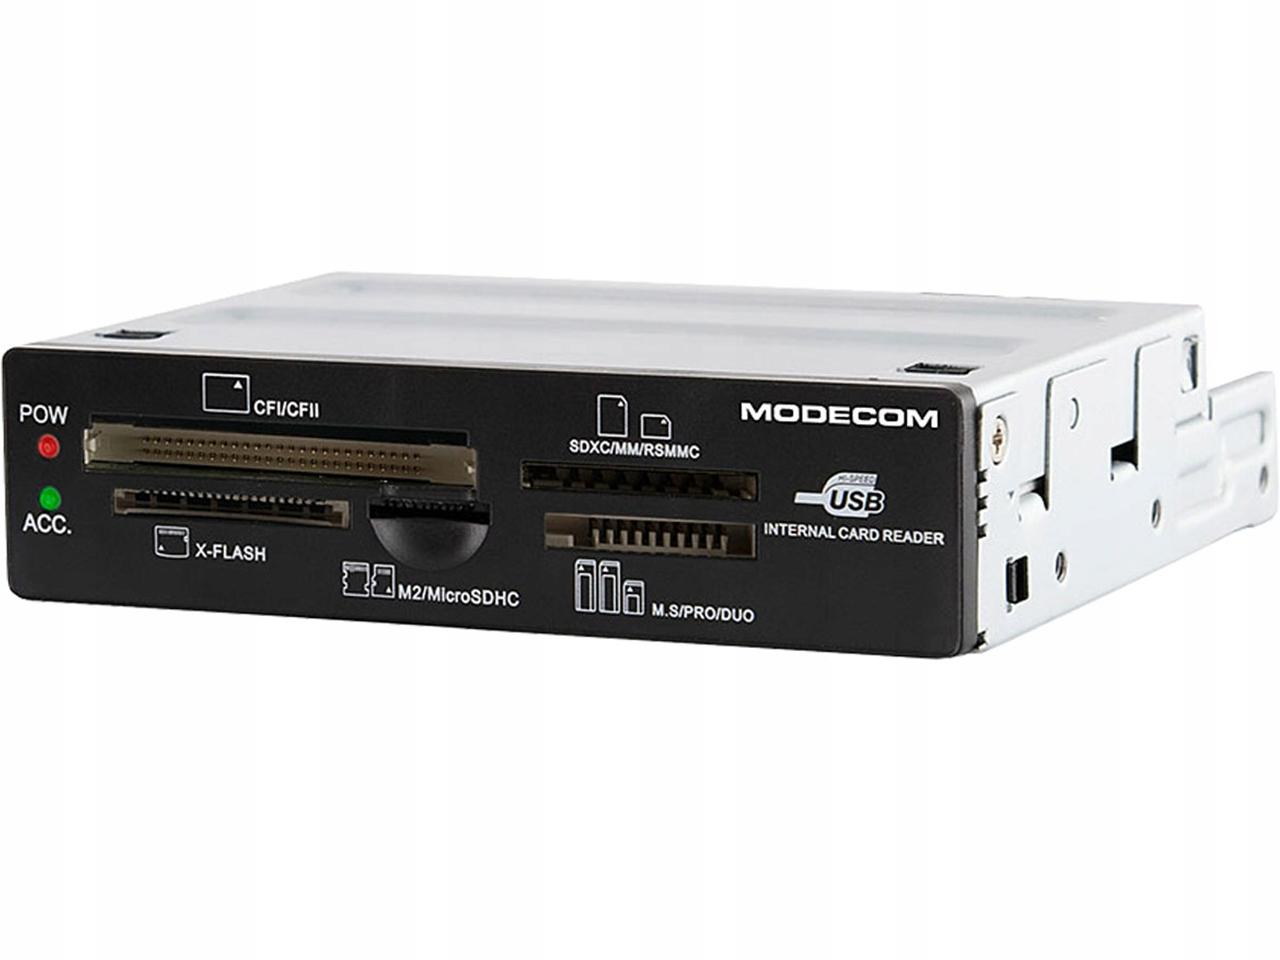 WEWNĘTRZNY CZYTNIK KART PAMIĘCI SD CF MS USB 2.0 !